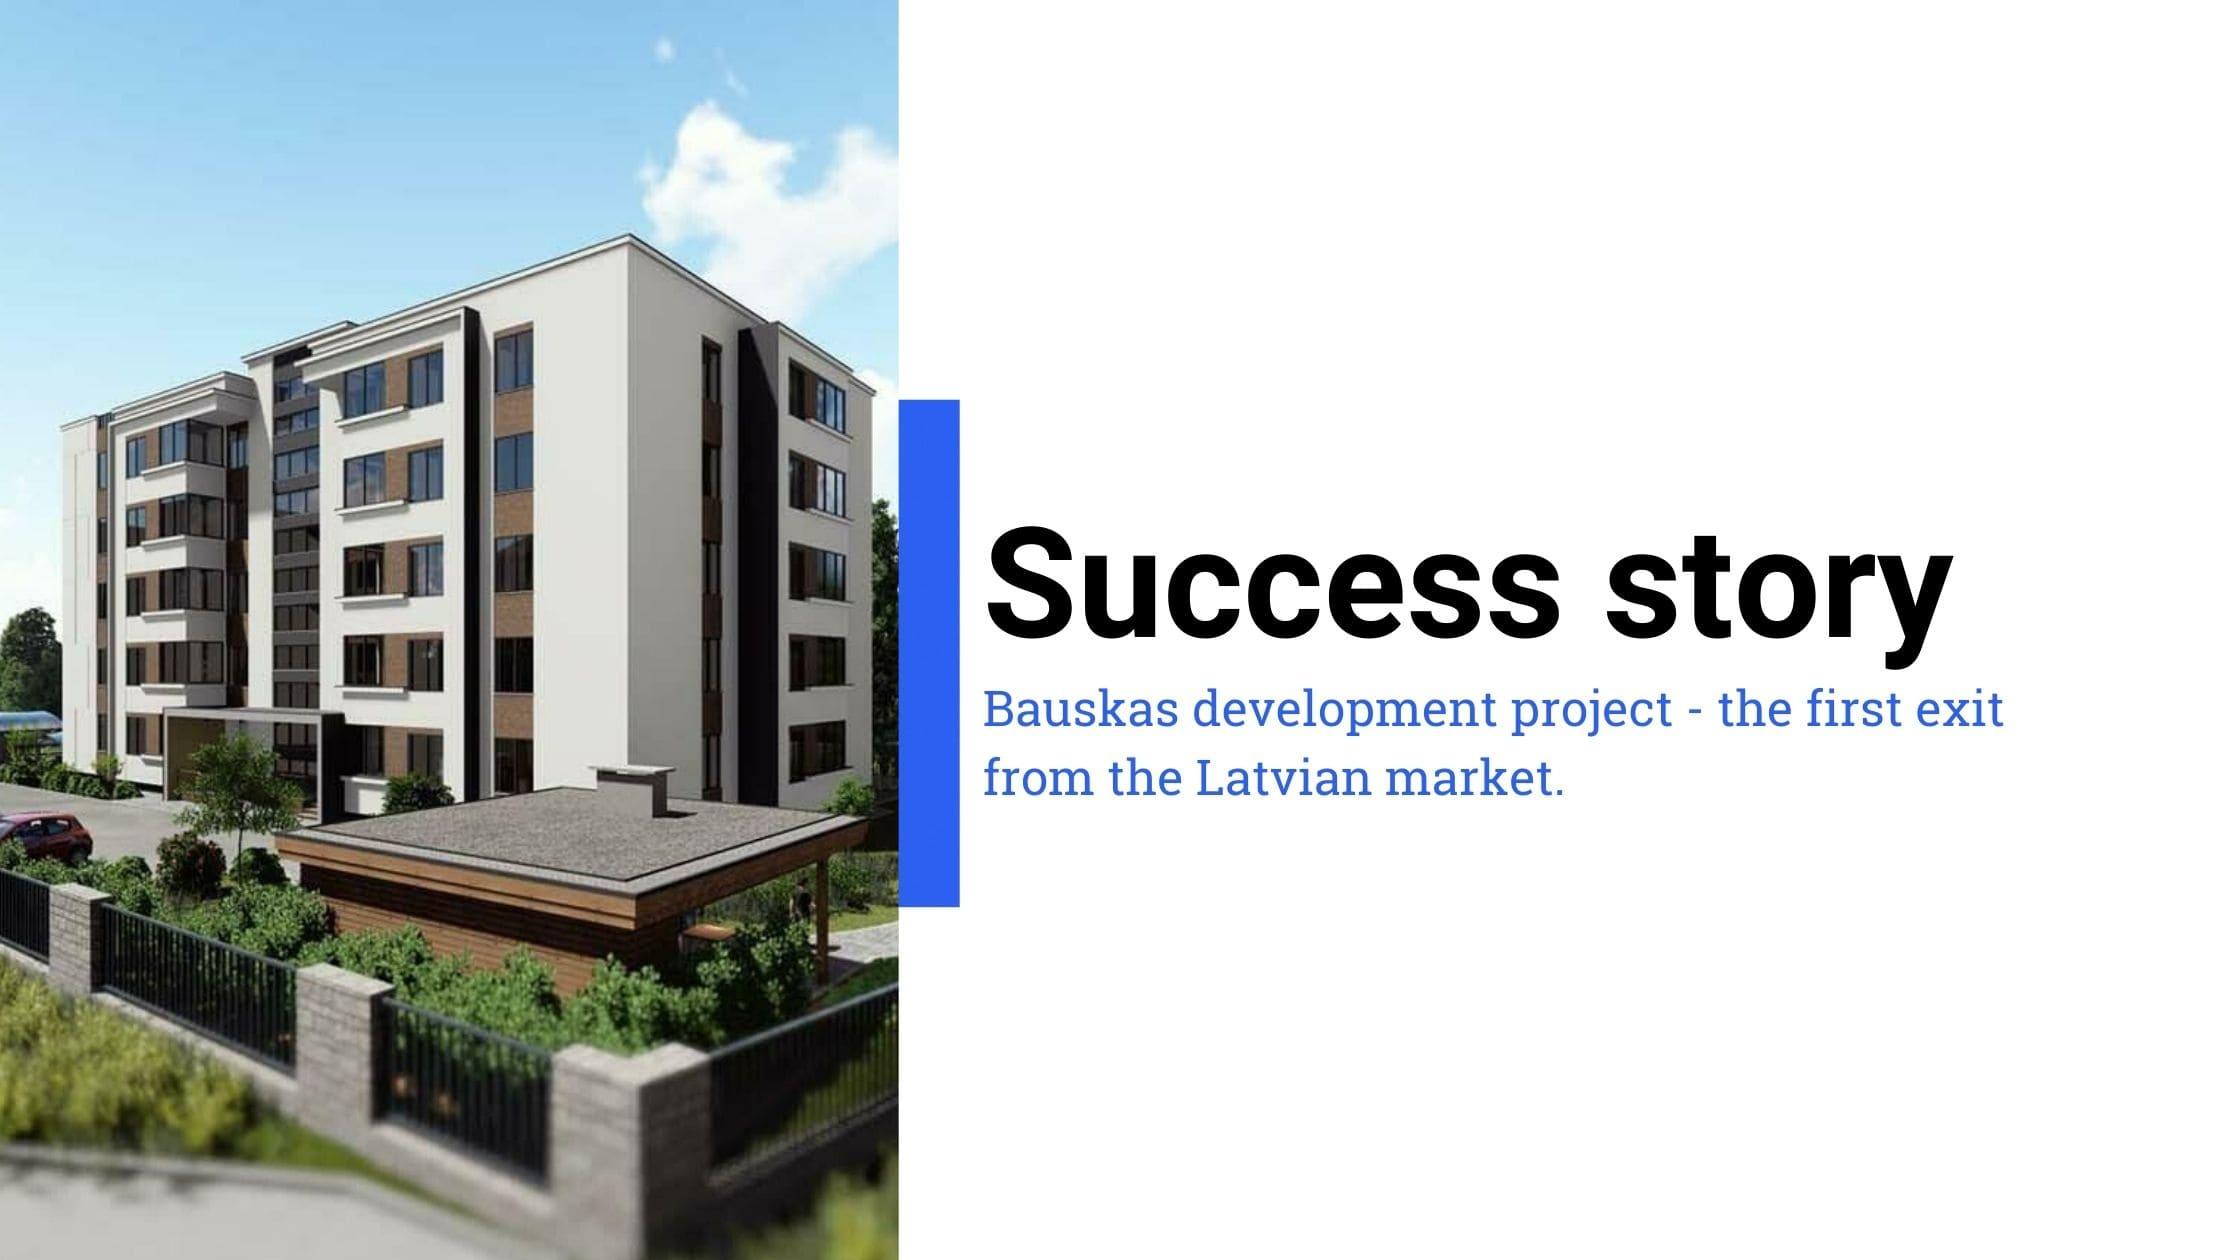 Bauskas development project success story